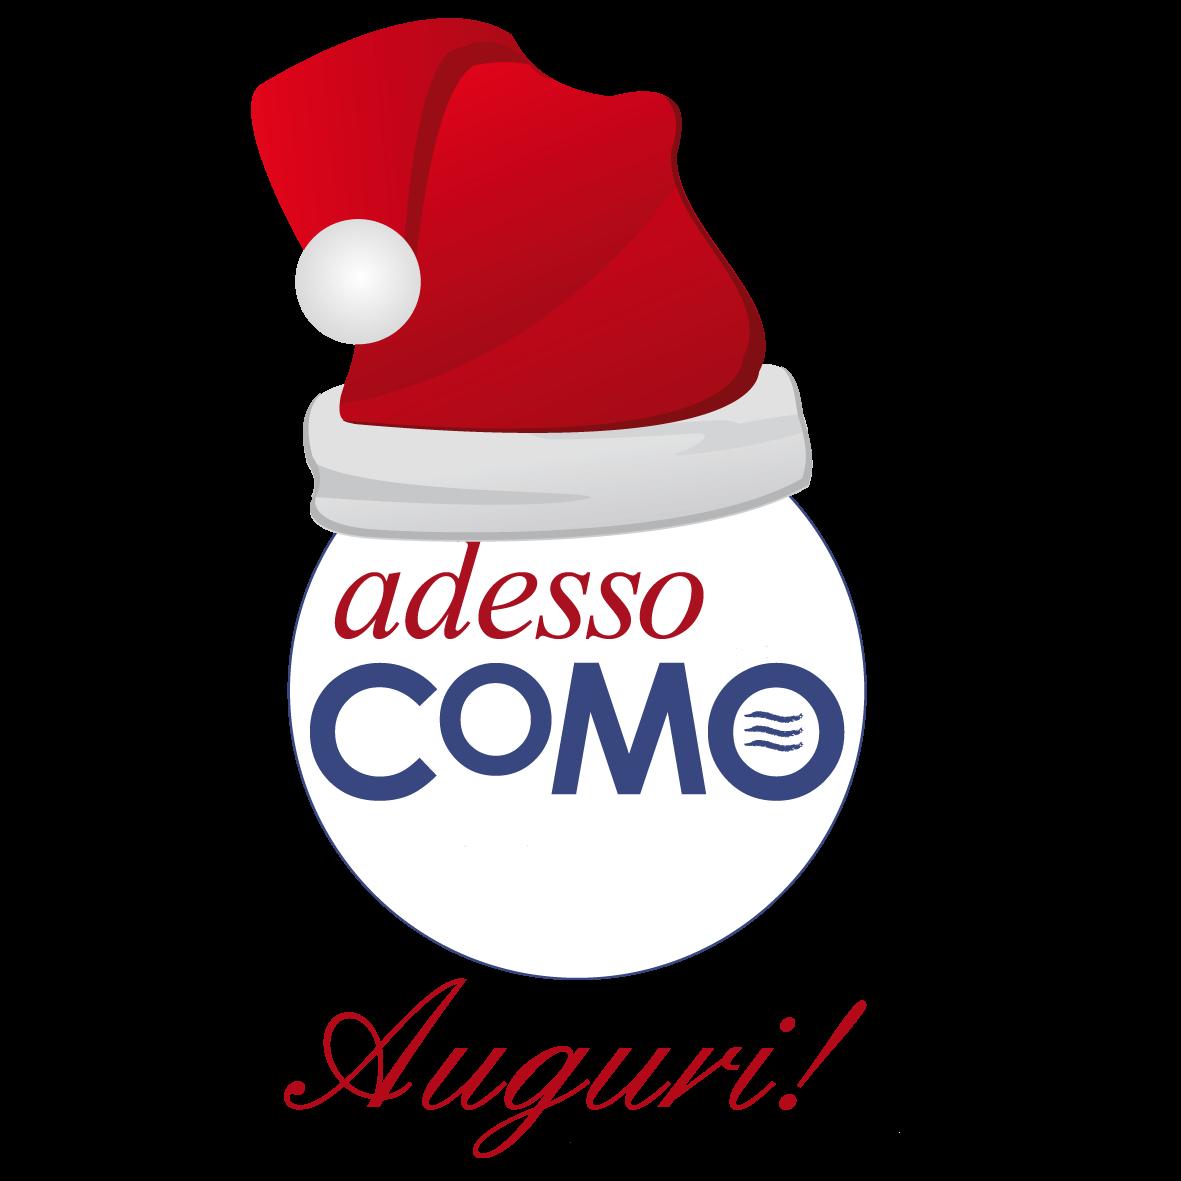 ADESSO COMO auguri-01